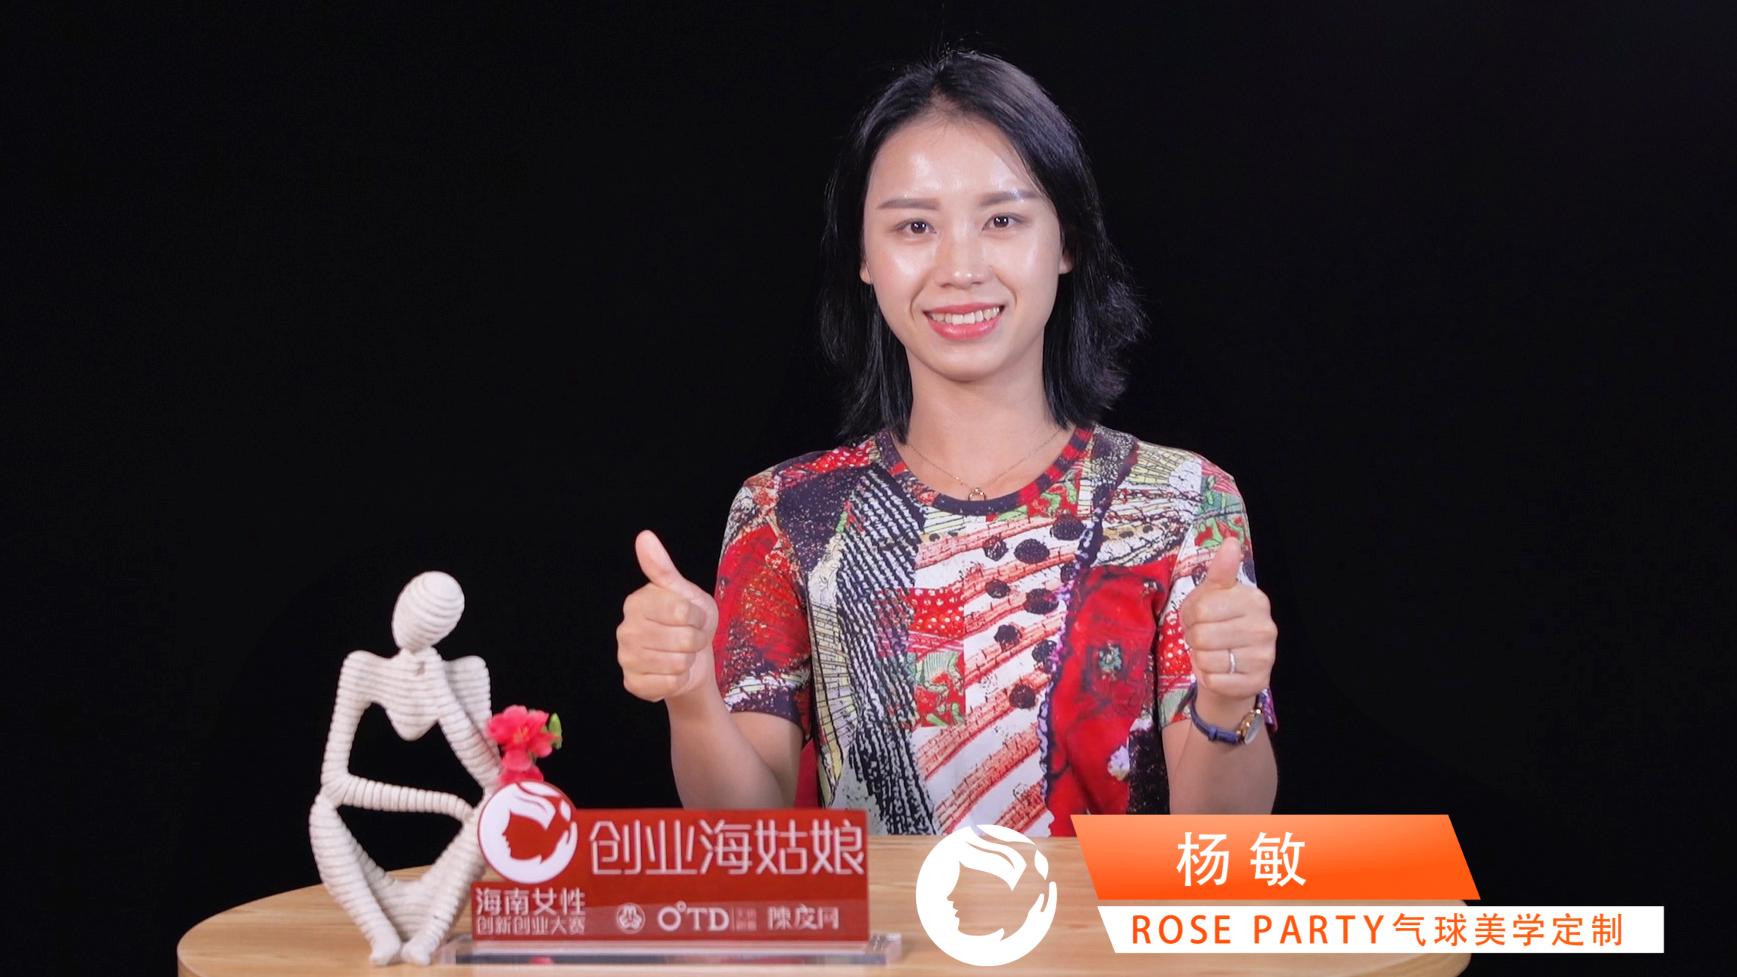 创业海姑娘 Rose Party杨敏,为你设计美好回忆